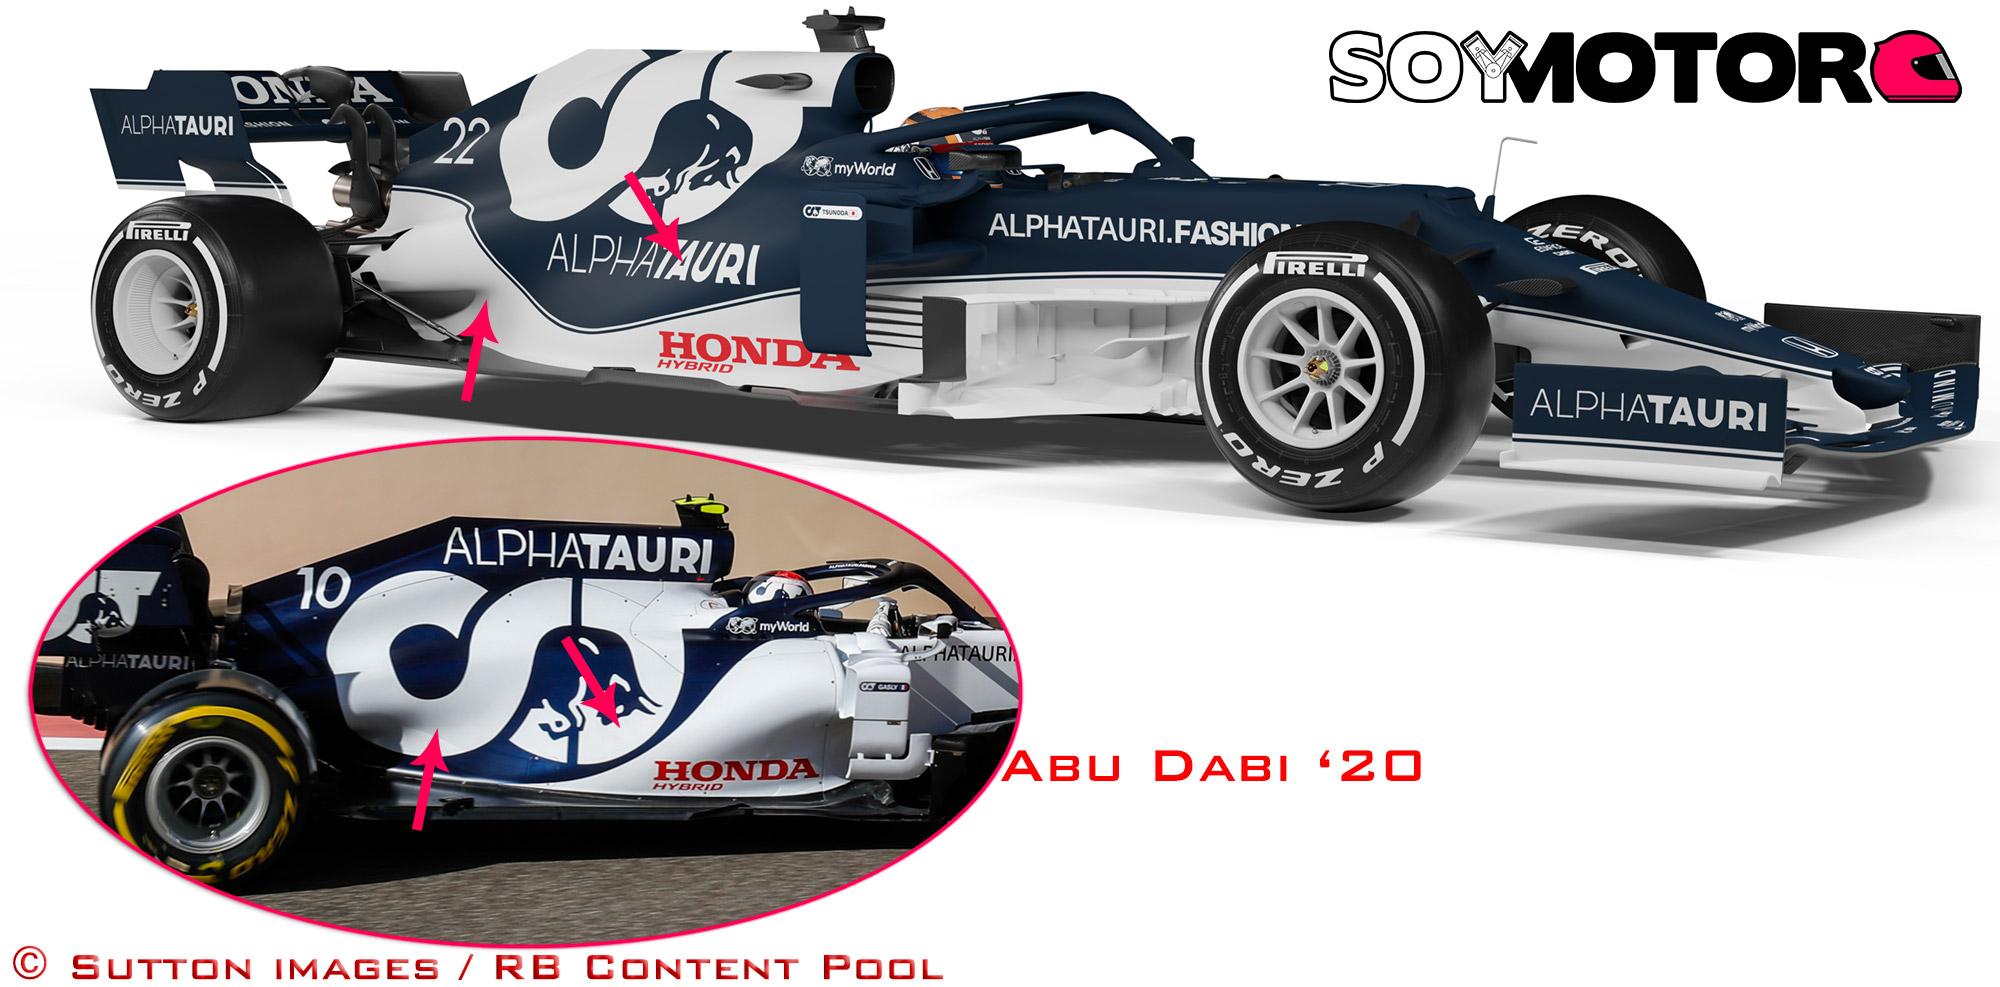 at02-chasis-fronto-lateral-soymotor.jpg